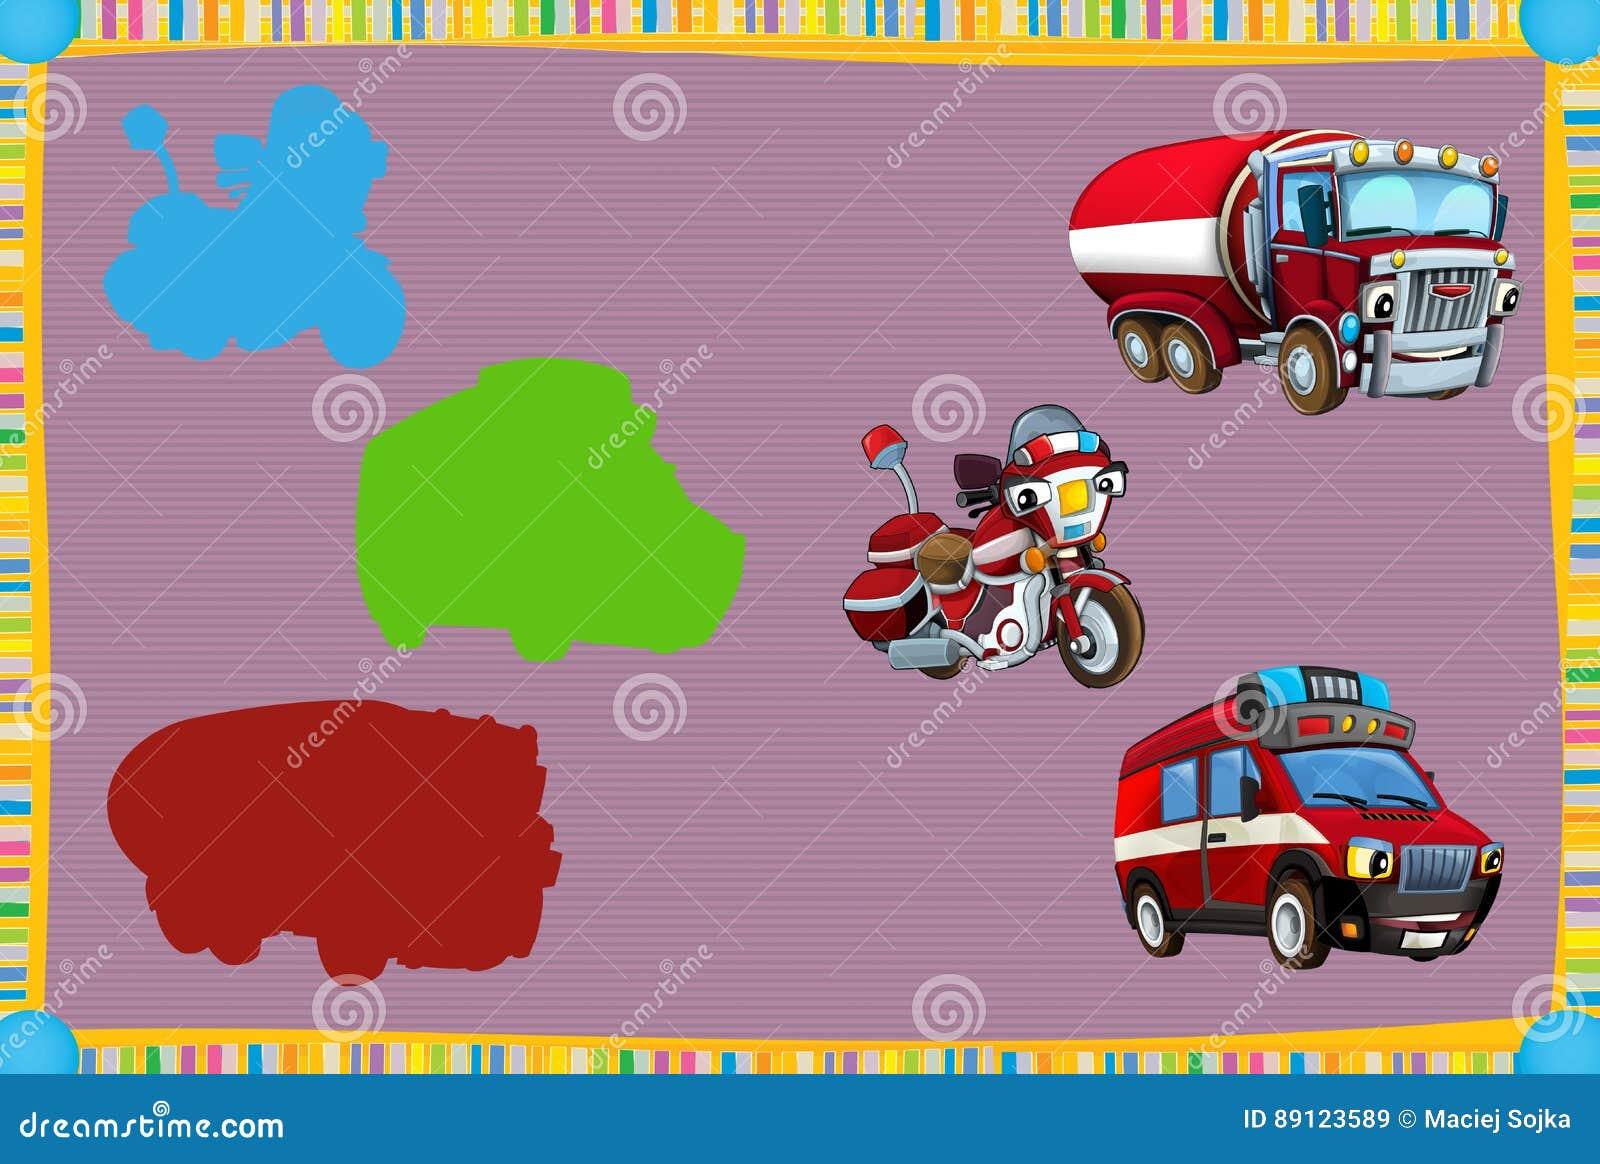 Jogo de suposição dos desenhos animados para crianças com os veículos coloridos do bombeiro que conectam pares